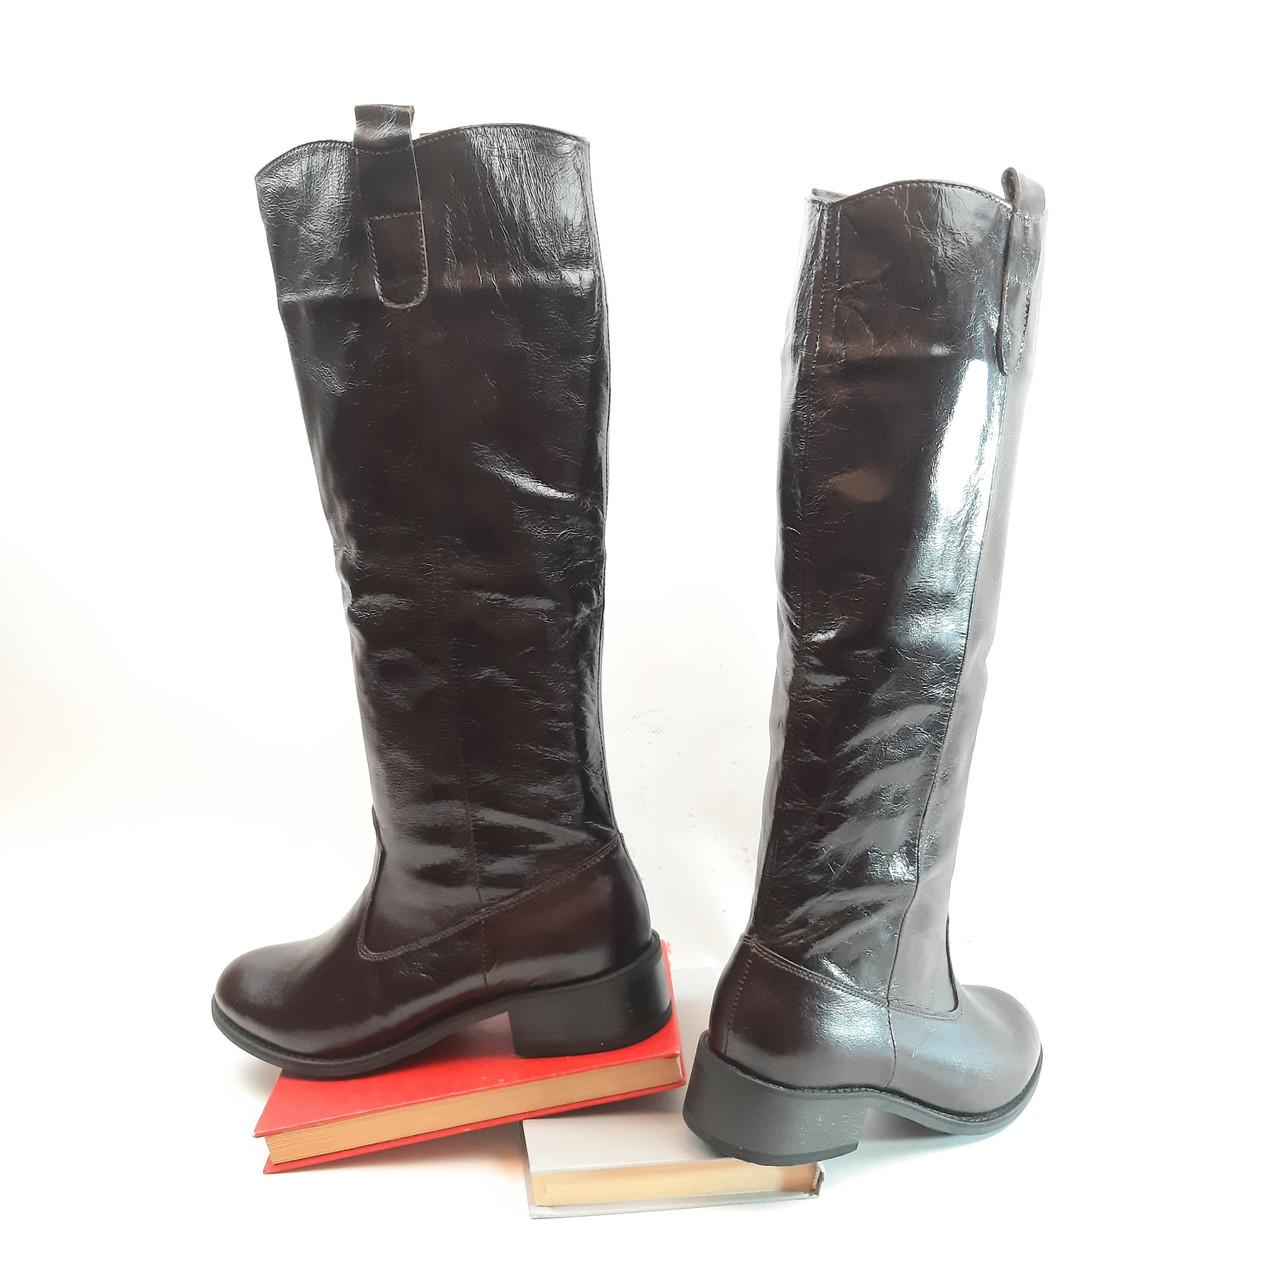 Супер стильні жіночі чоботи труби без змійок з натурального коричневого рабату.